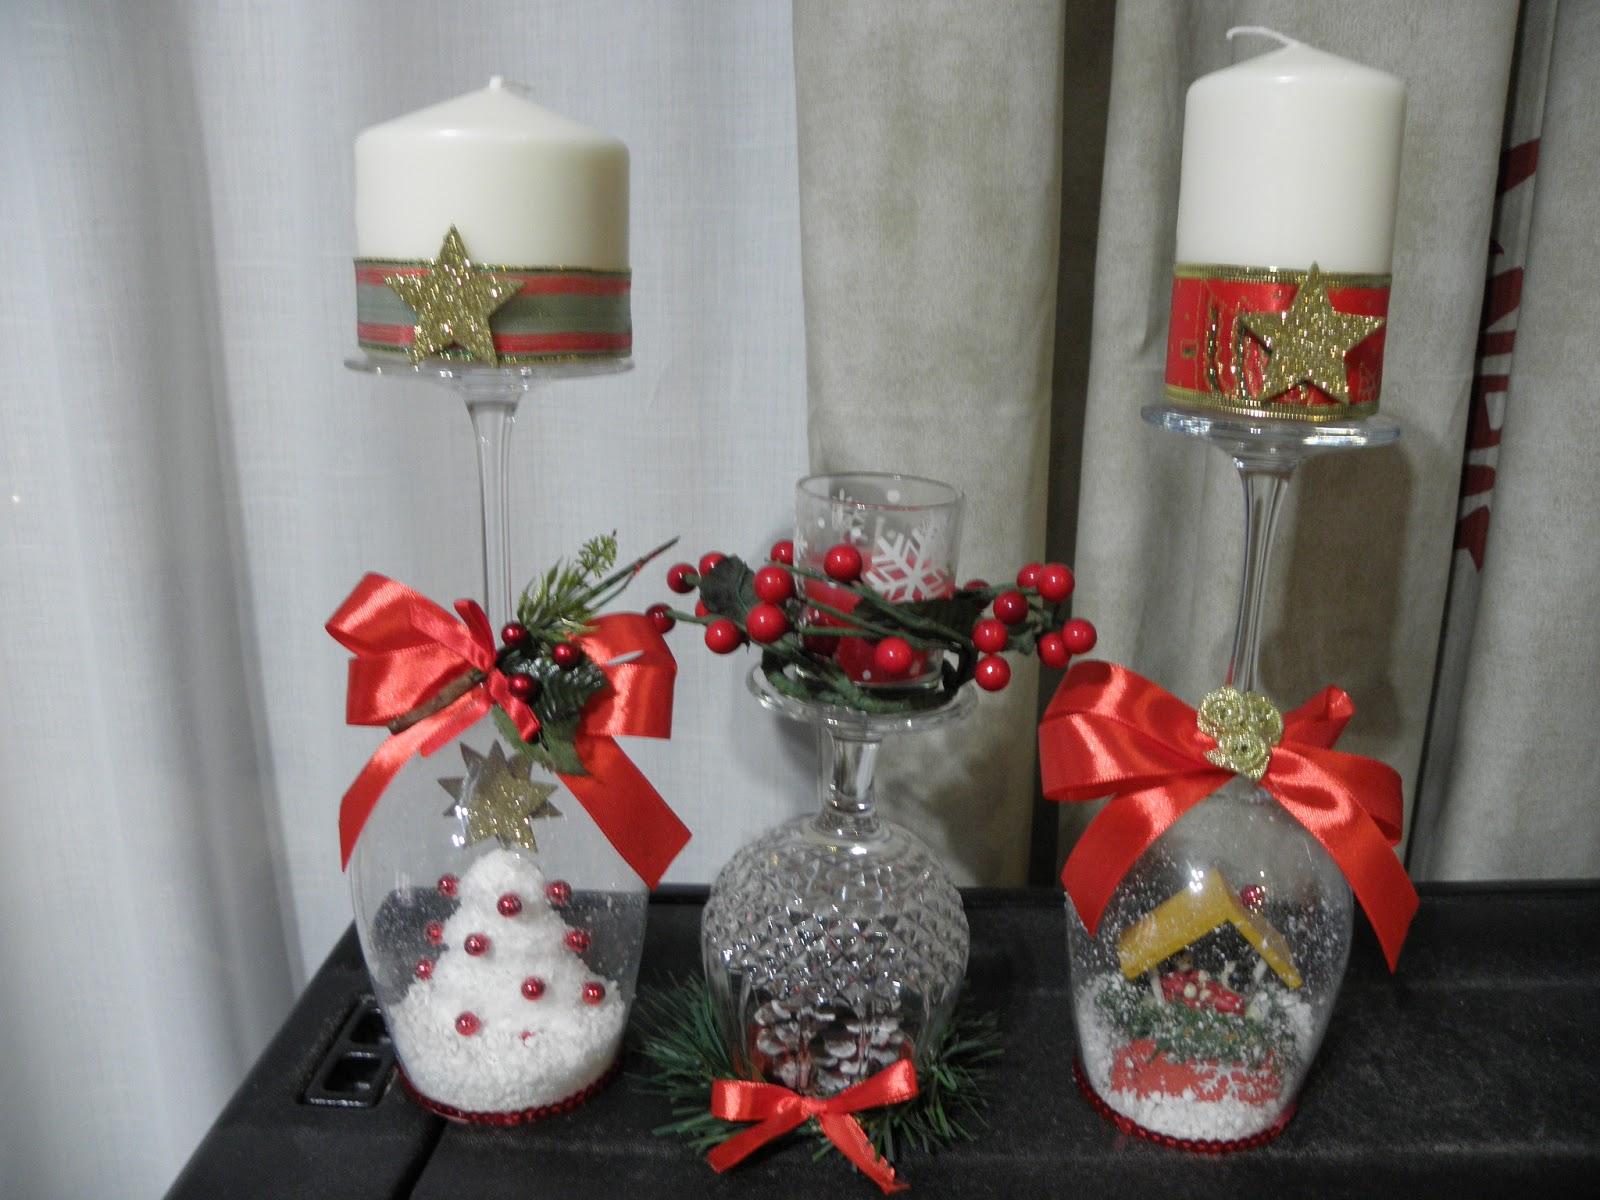 El olor de c diz flores marcos espejos cofres fimo for Adornos navidenos con copas y velas